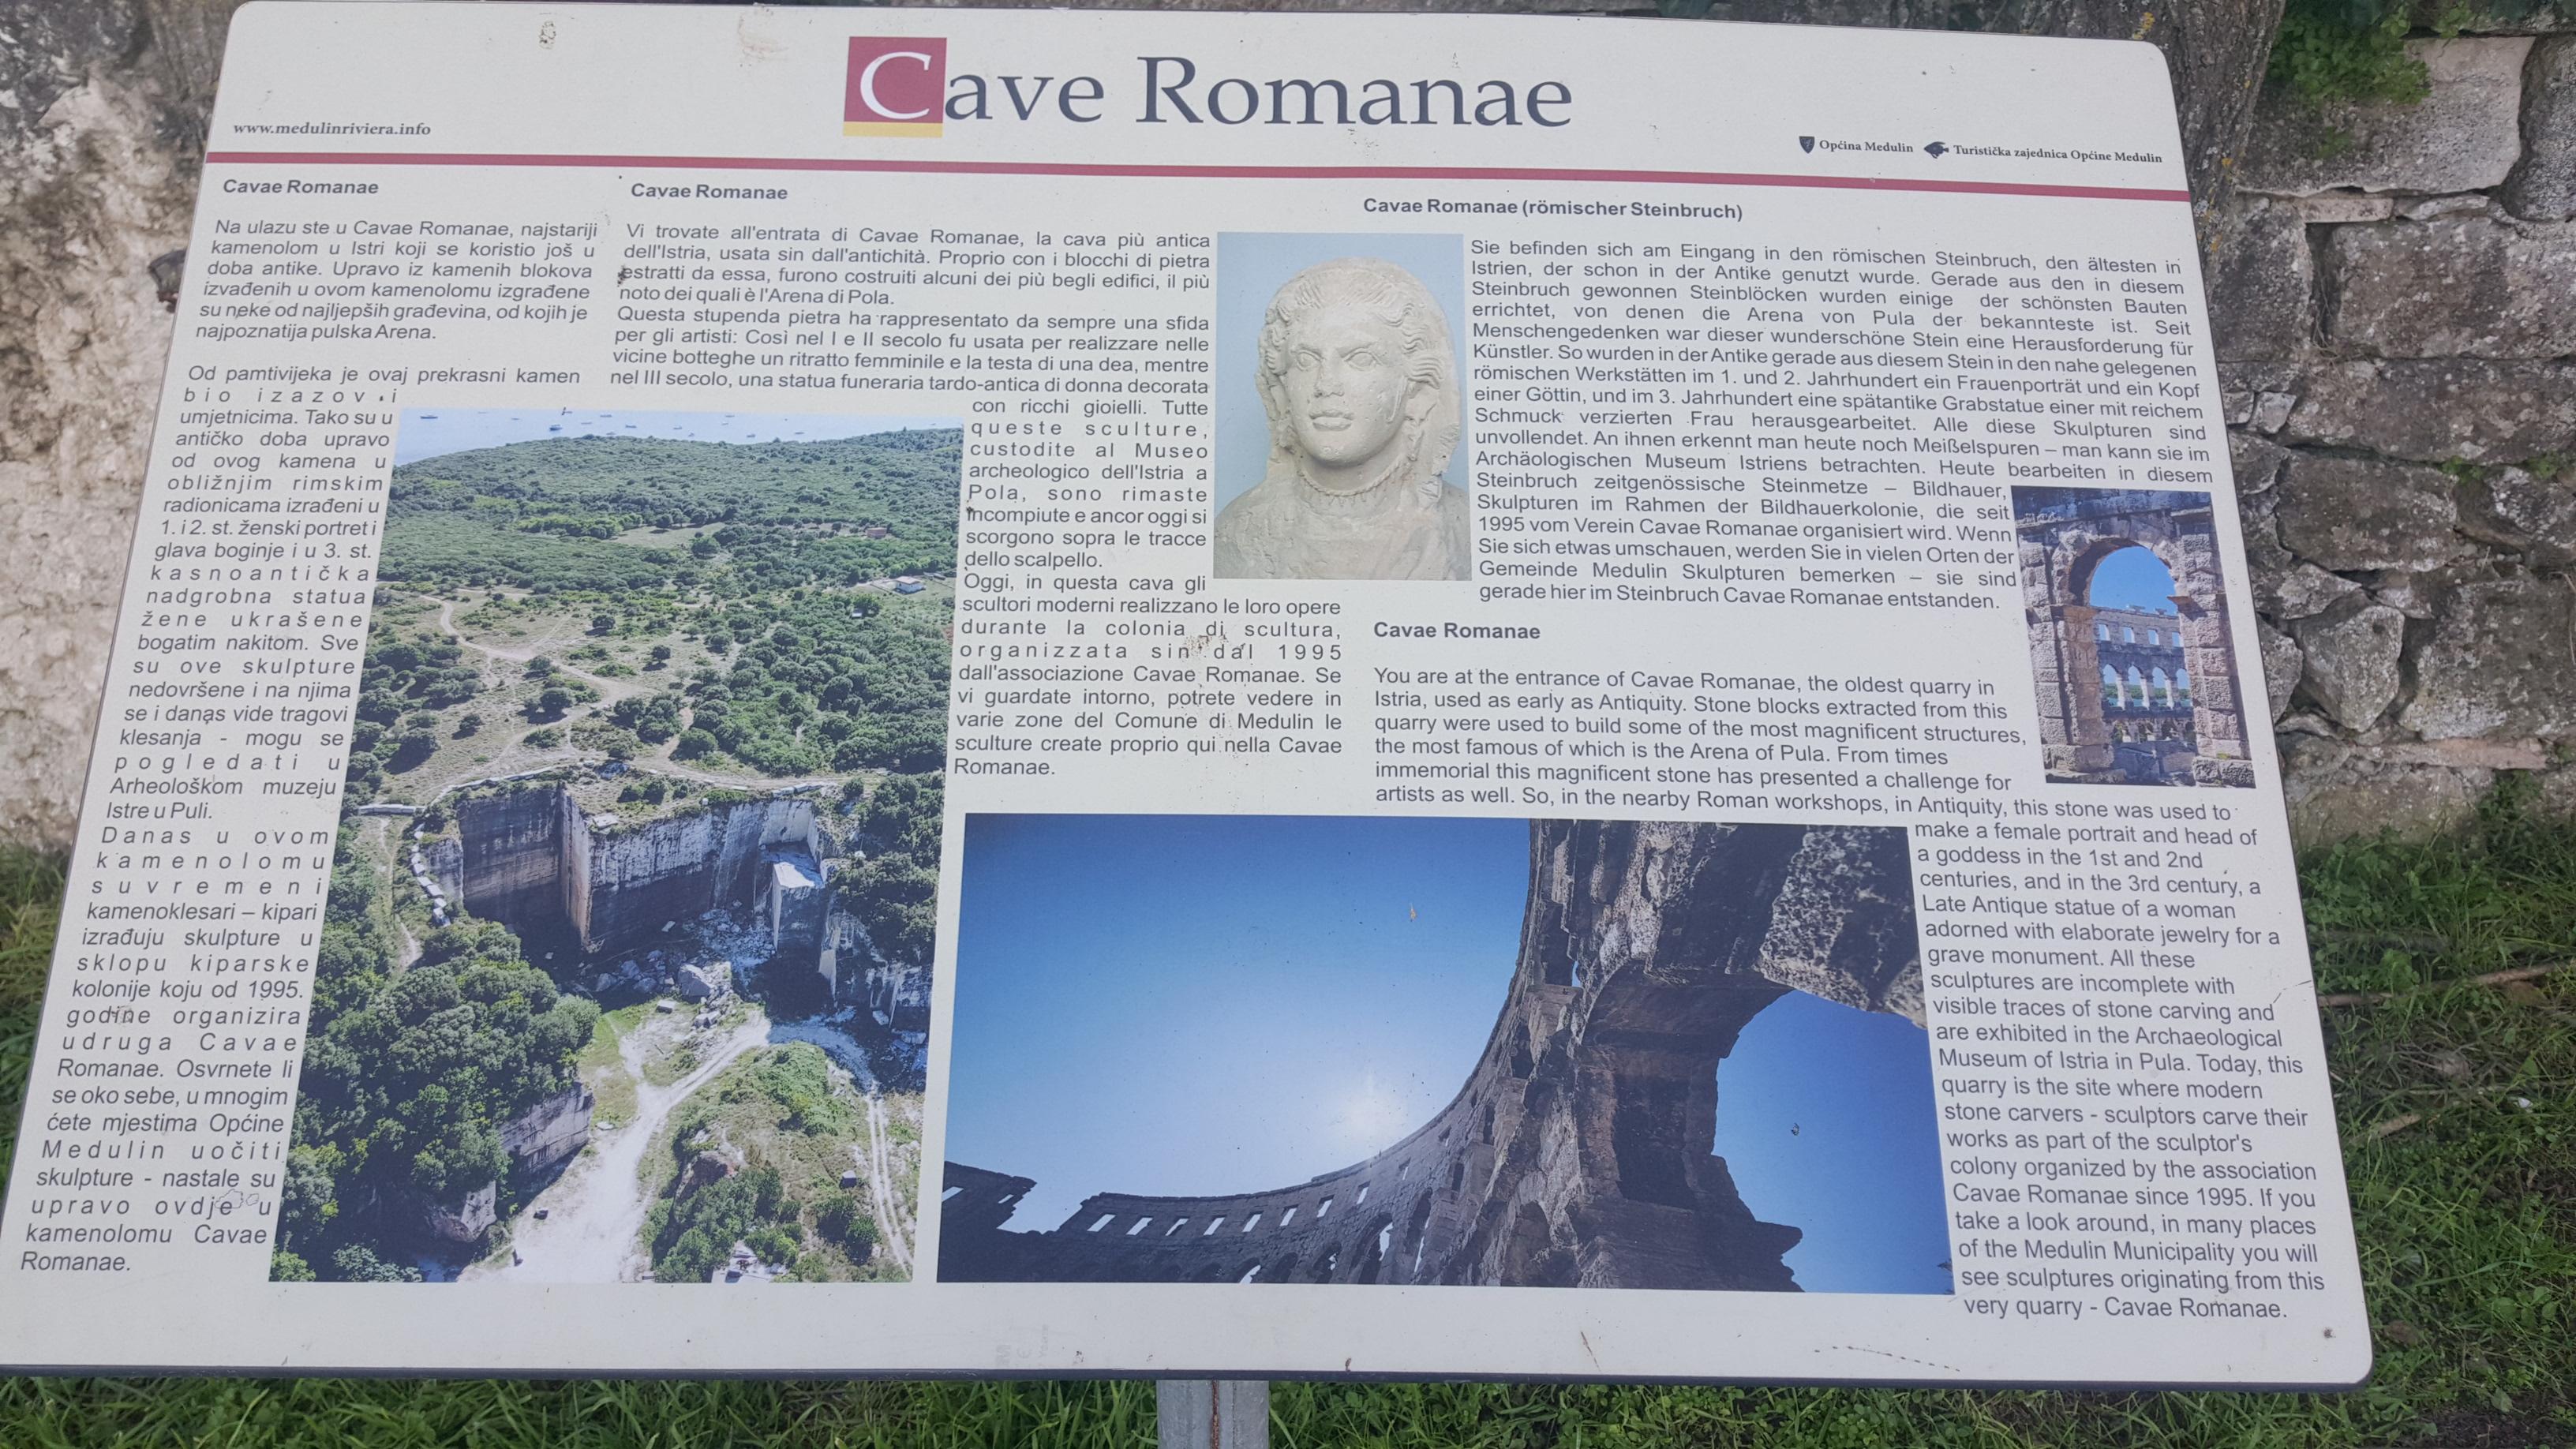 CAVAE ROMANAE - ISTRIAGO.NET